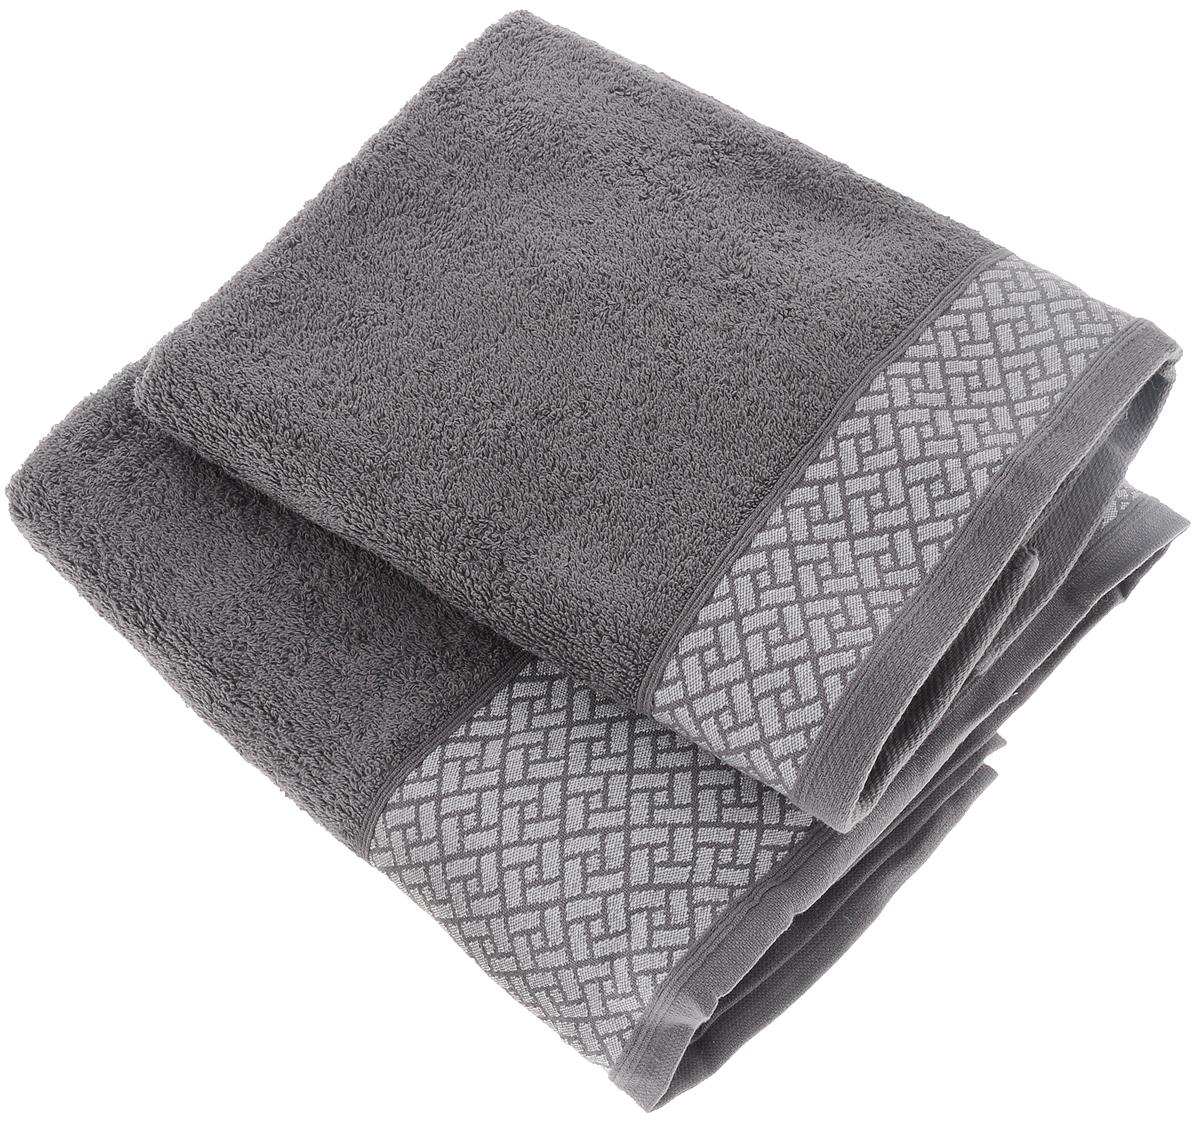 Набор полотенец Tete-a-Tete Лабиринт, цвет: серый, 50 х 90 см, 2 шт68/5/2Набор Tete-a-Tete Лабиринт состоит из двух махровых полотенец, выполненных из натурального 100% хлопка. Бордюр полотенец декорирован геометрическим узором. Изделия мягкие, отлично впитывают влагу, быстро сохнут, сохраняют яркость цвета и не теряют форму даже после многократных стирок. Полотенца Tete-a-Tete Лабиринт очень практичны и неприхотливы в уходе. Они легко впишутся в любой интерьер благодаря своей нежной цветовой гамме. Набор упакован в красивую коробку и может послужить отличной идеей для подарка.Размер полотенец: 50 х 90 см.